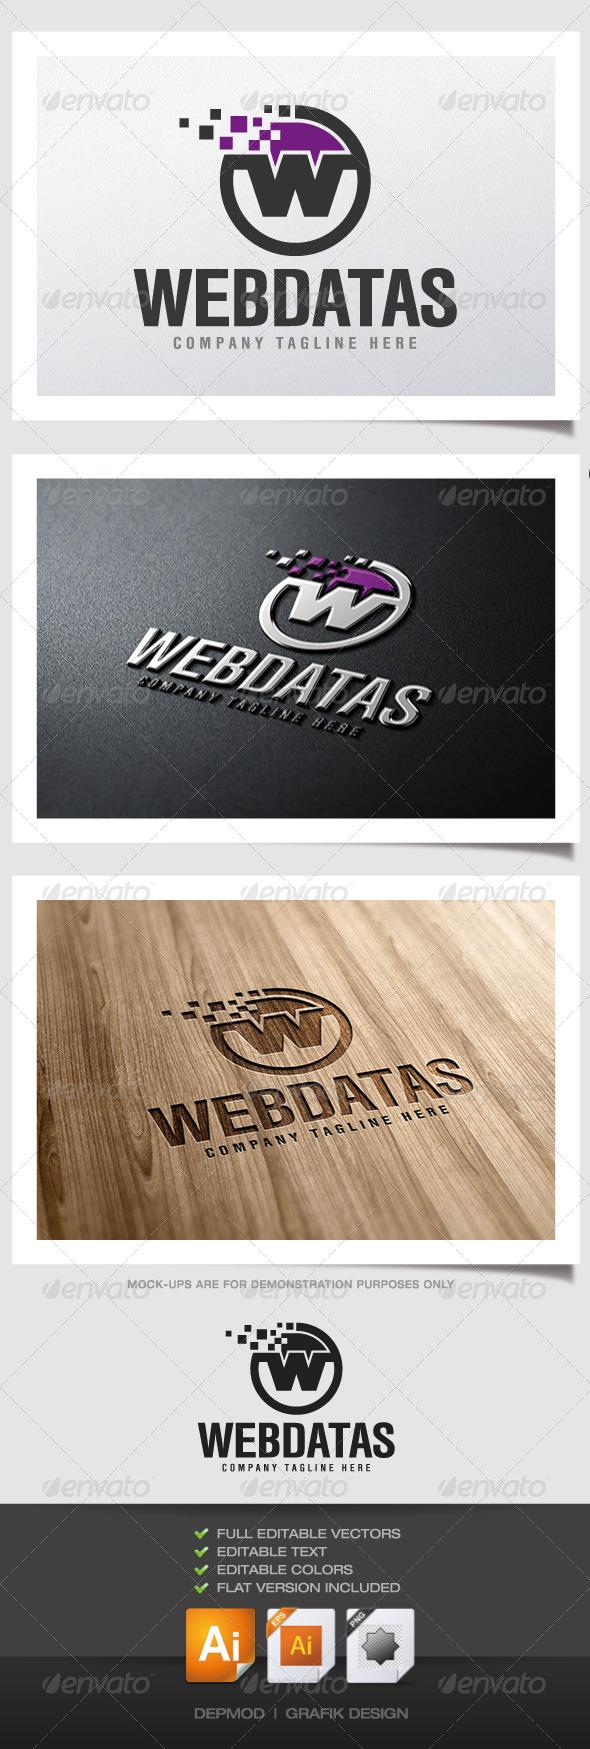 GraphicRiver Web Datas Logo 4961496